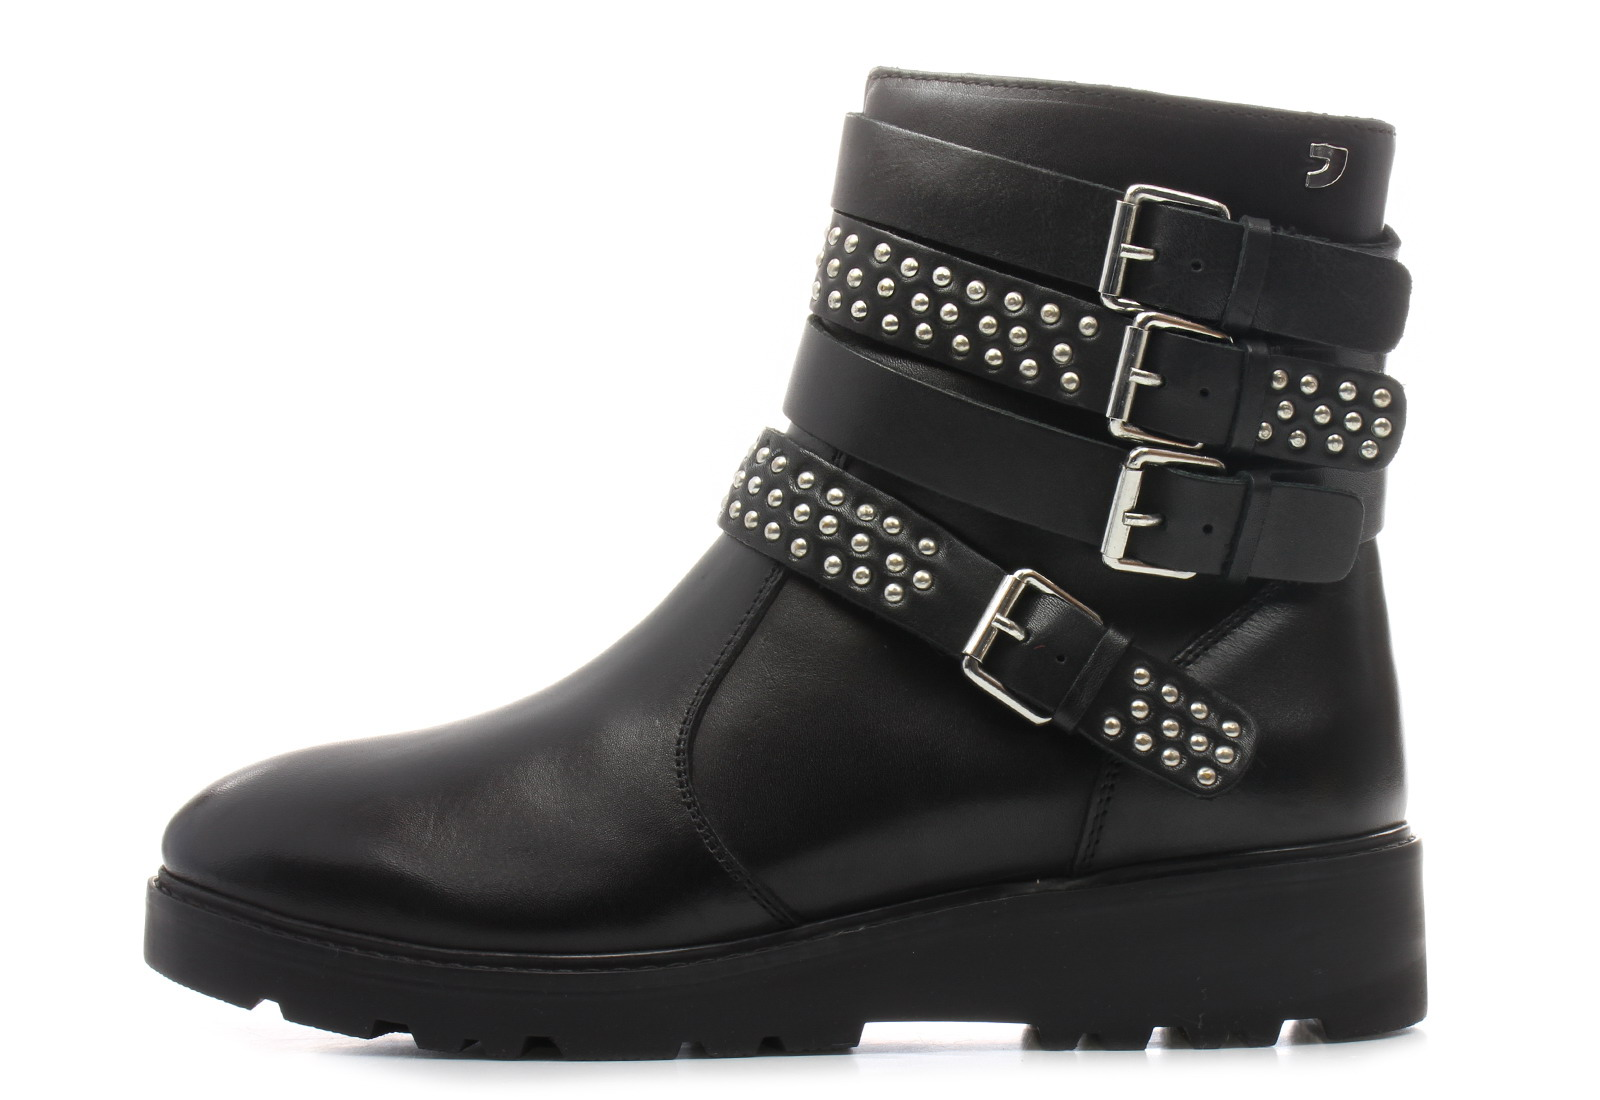 5d7248e14a Gioseppo Casual Crna Čizme - Gioseppo 46453 - Office Shoes - Online ...